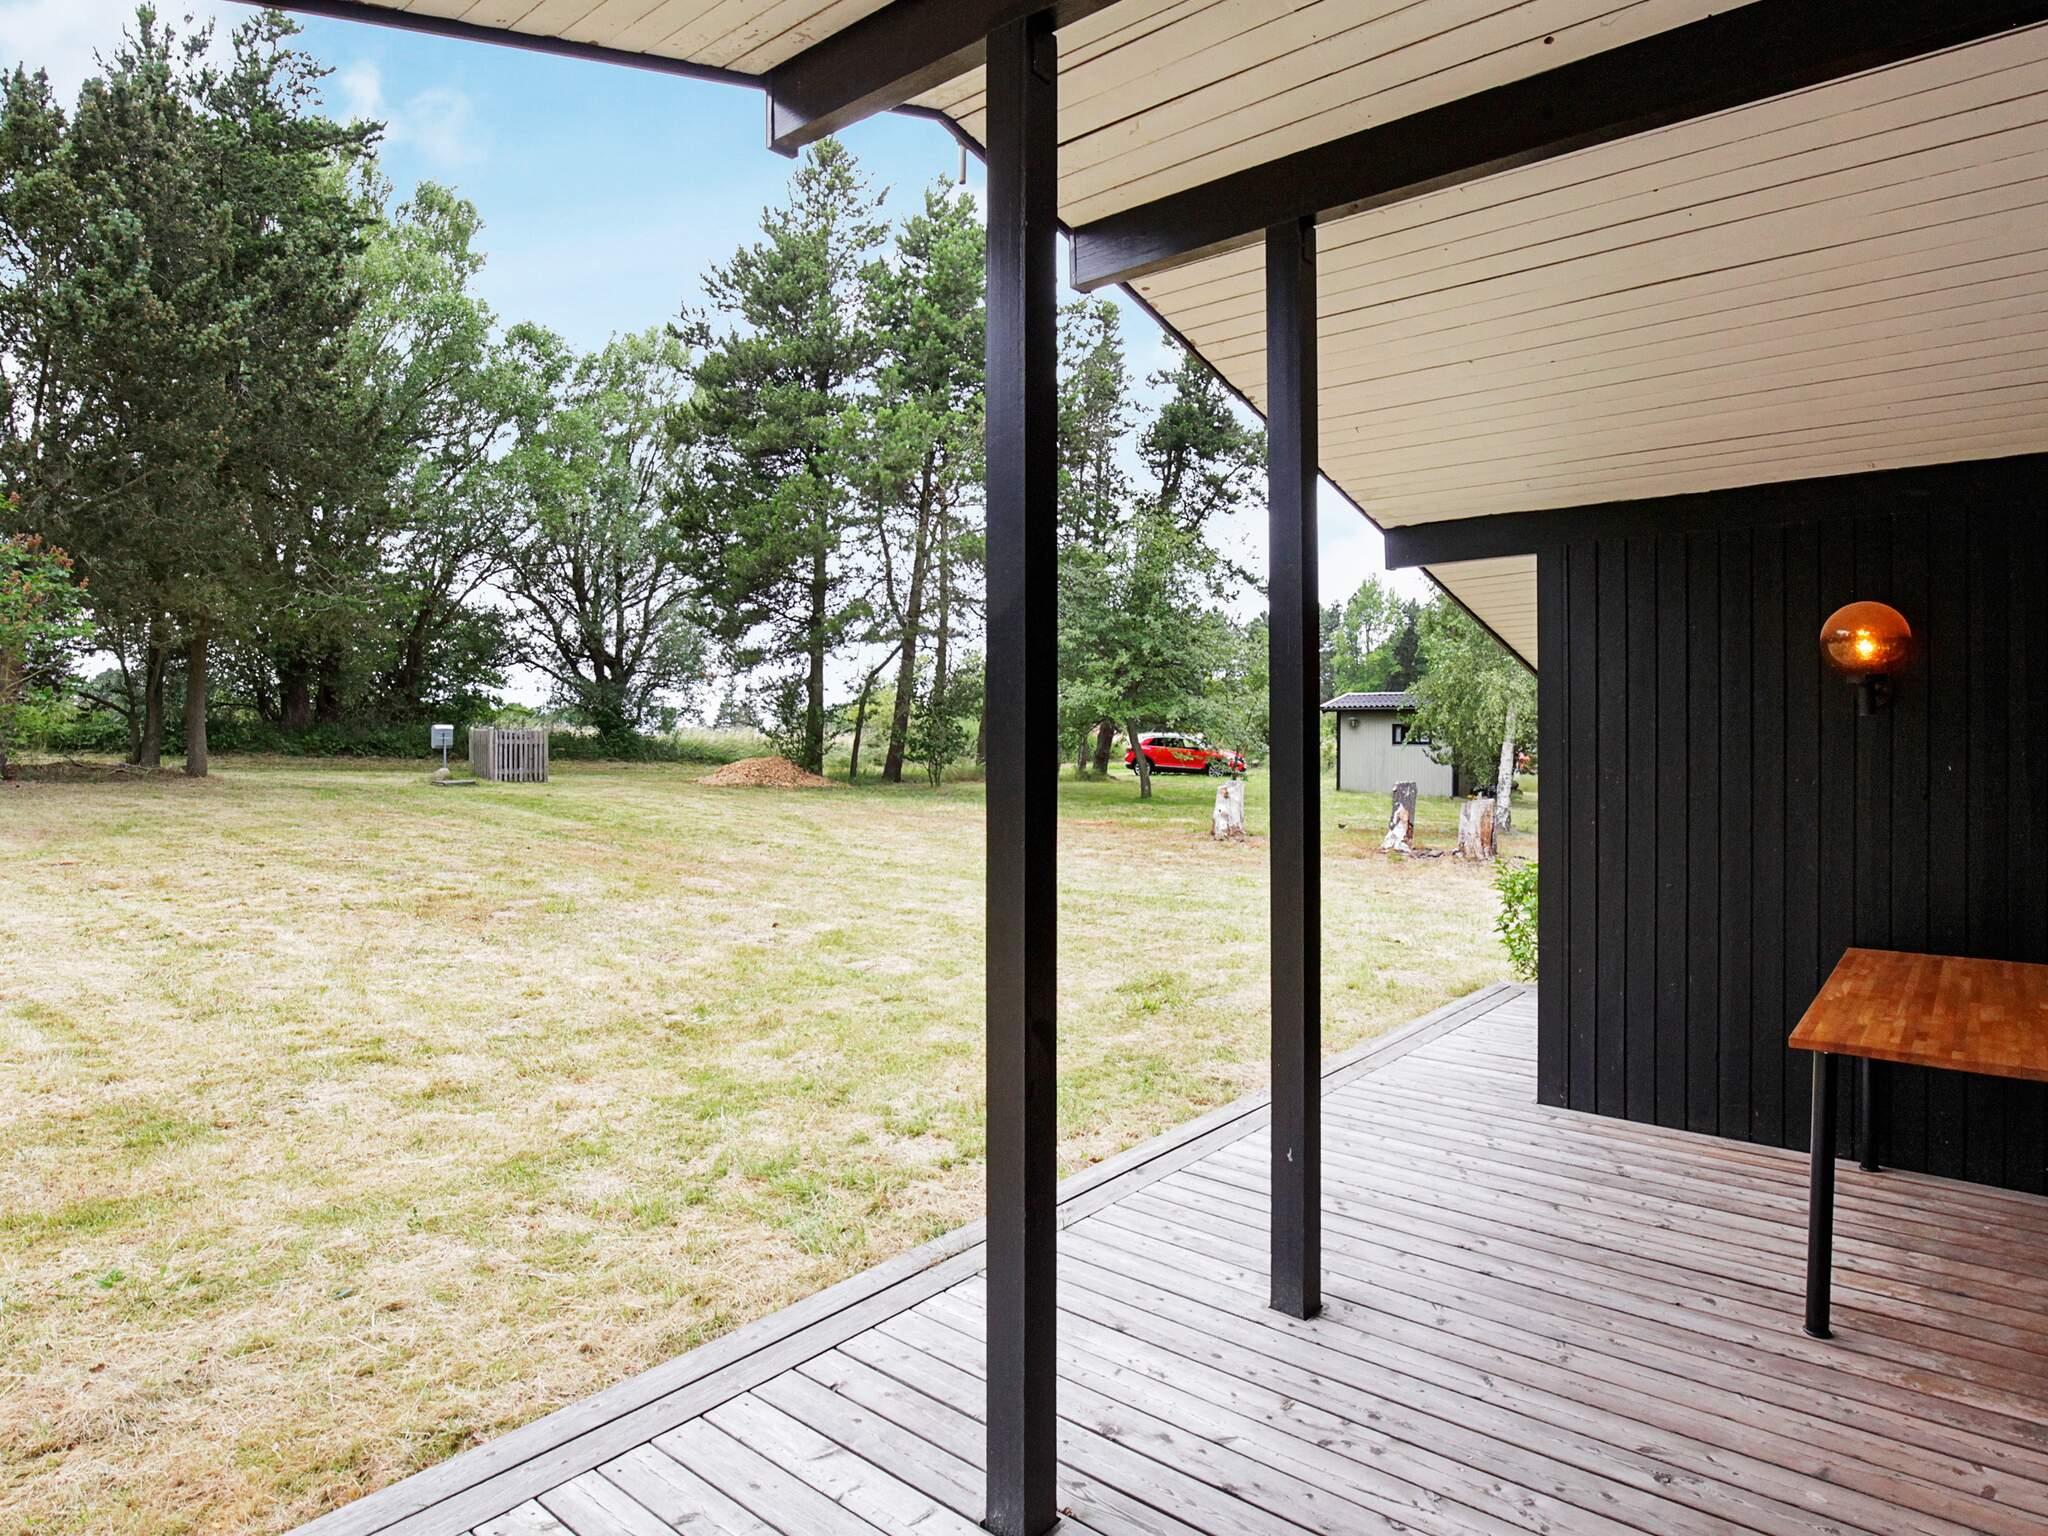 Ferienhaus Røsnæs/Vollerup (2639811), Kalundborg, , Westseeland, Dänemark, Bild 19